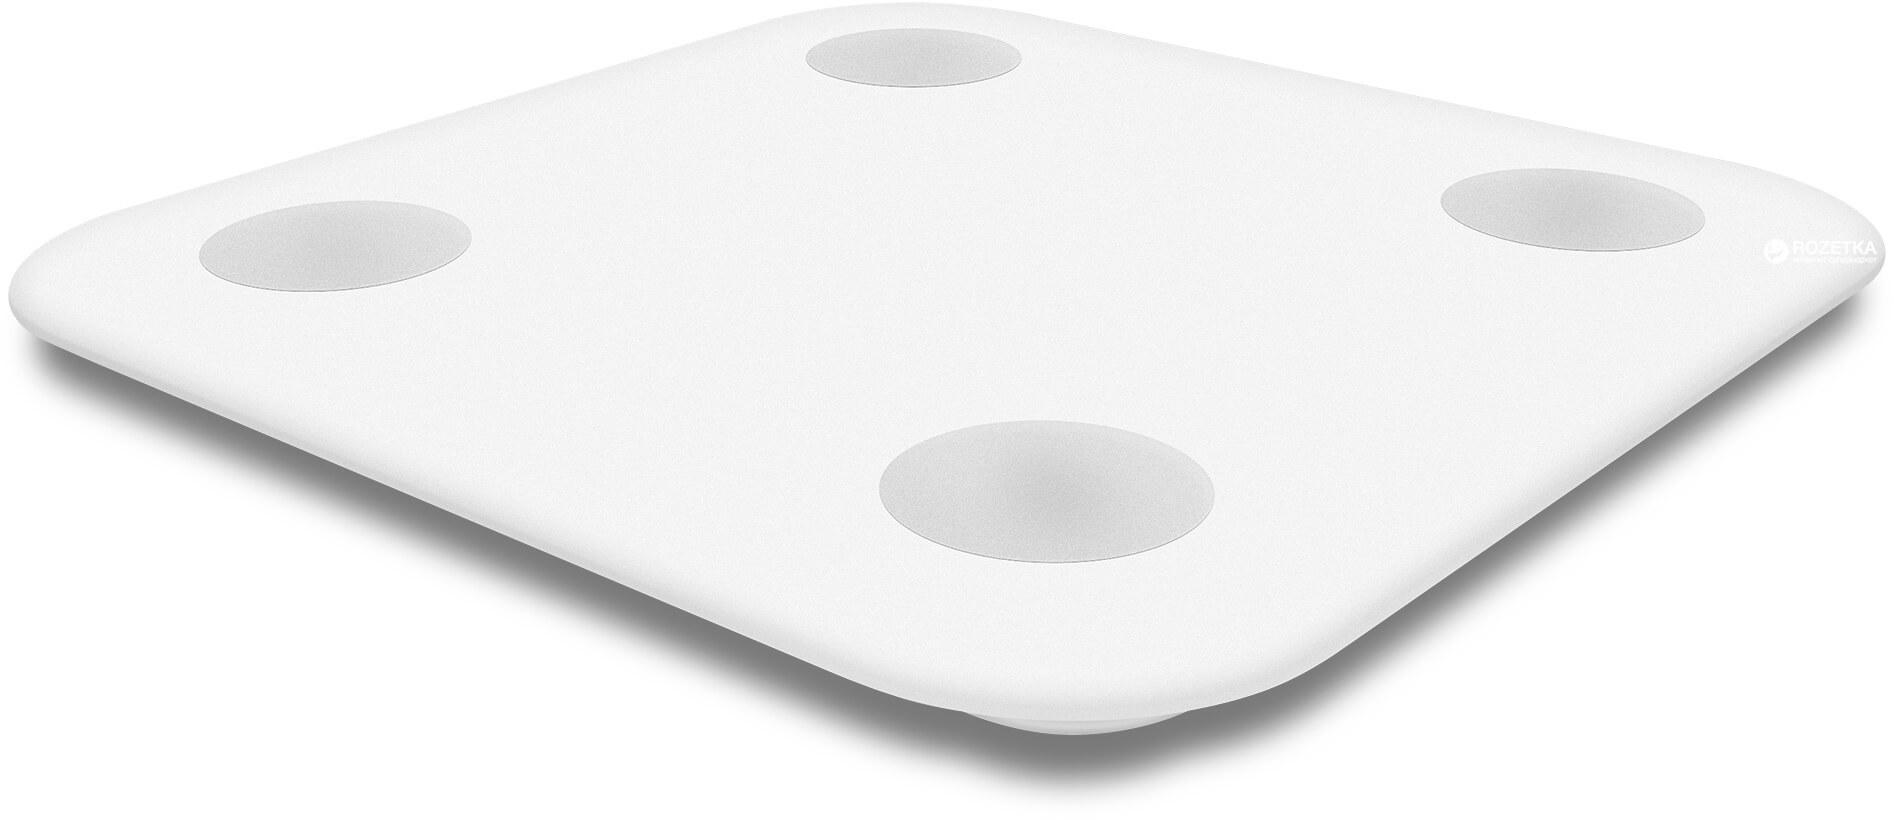 Весы Xiaomi Mi Composition Scale 2